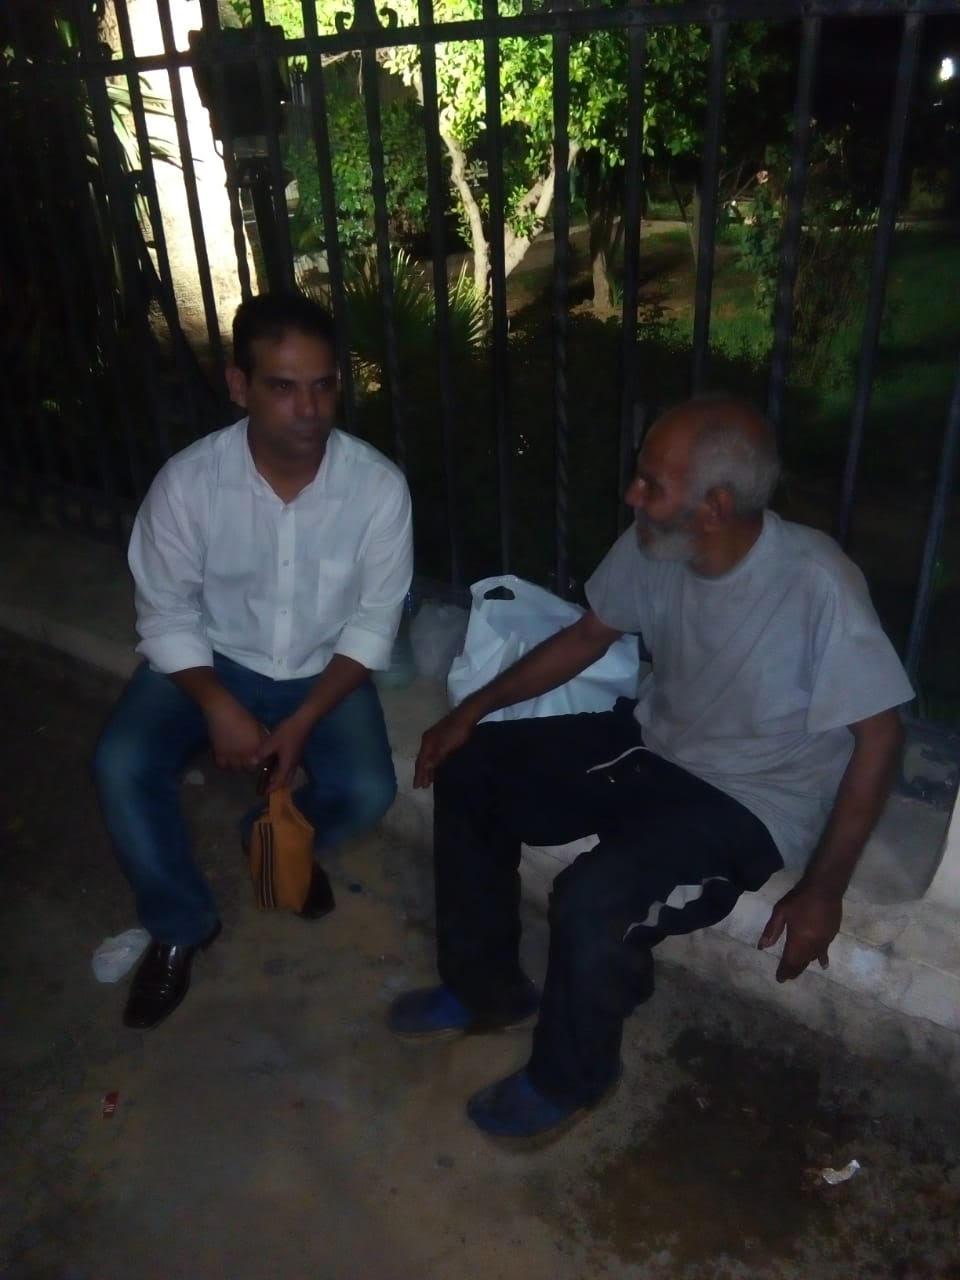 التدخل السريع ينقذ مسناً بلا مأوى   (4)